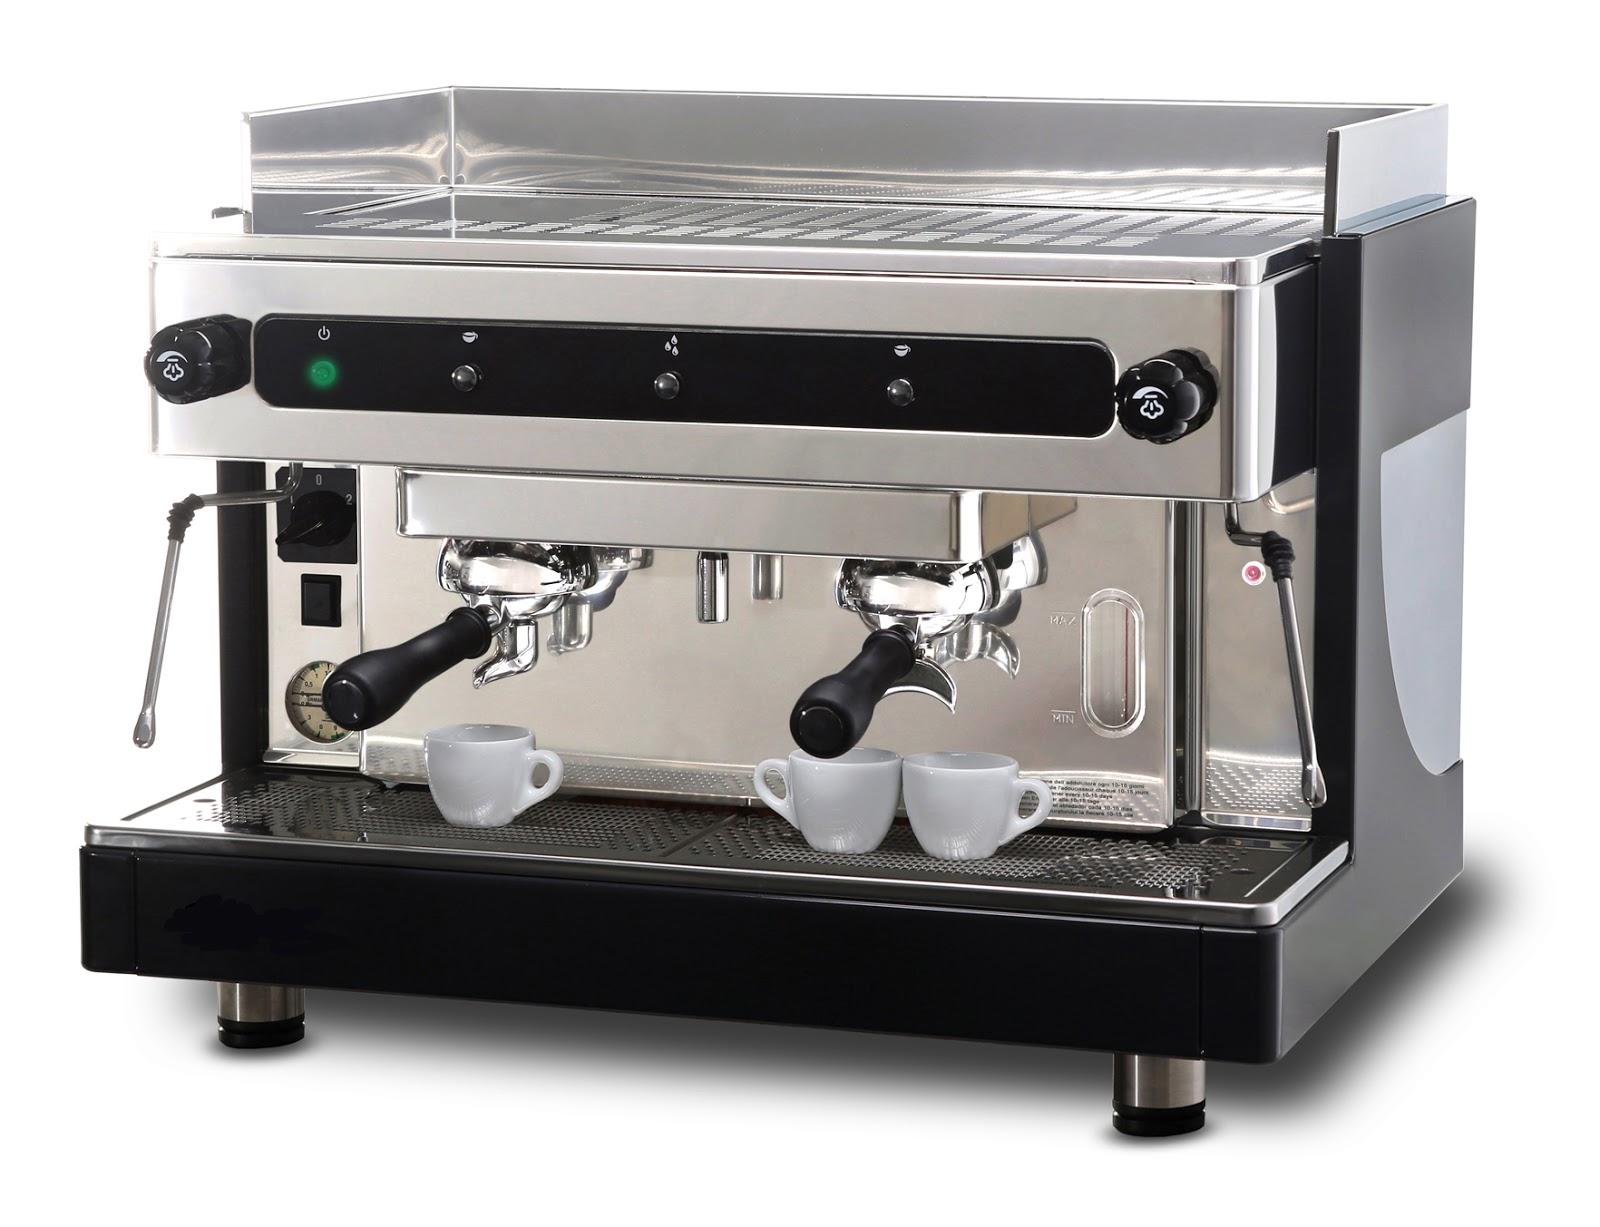 أسعار ماكينة القهوة نسبريسو في مصر 2021